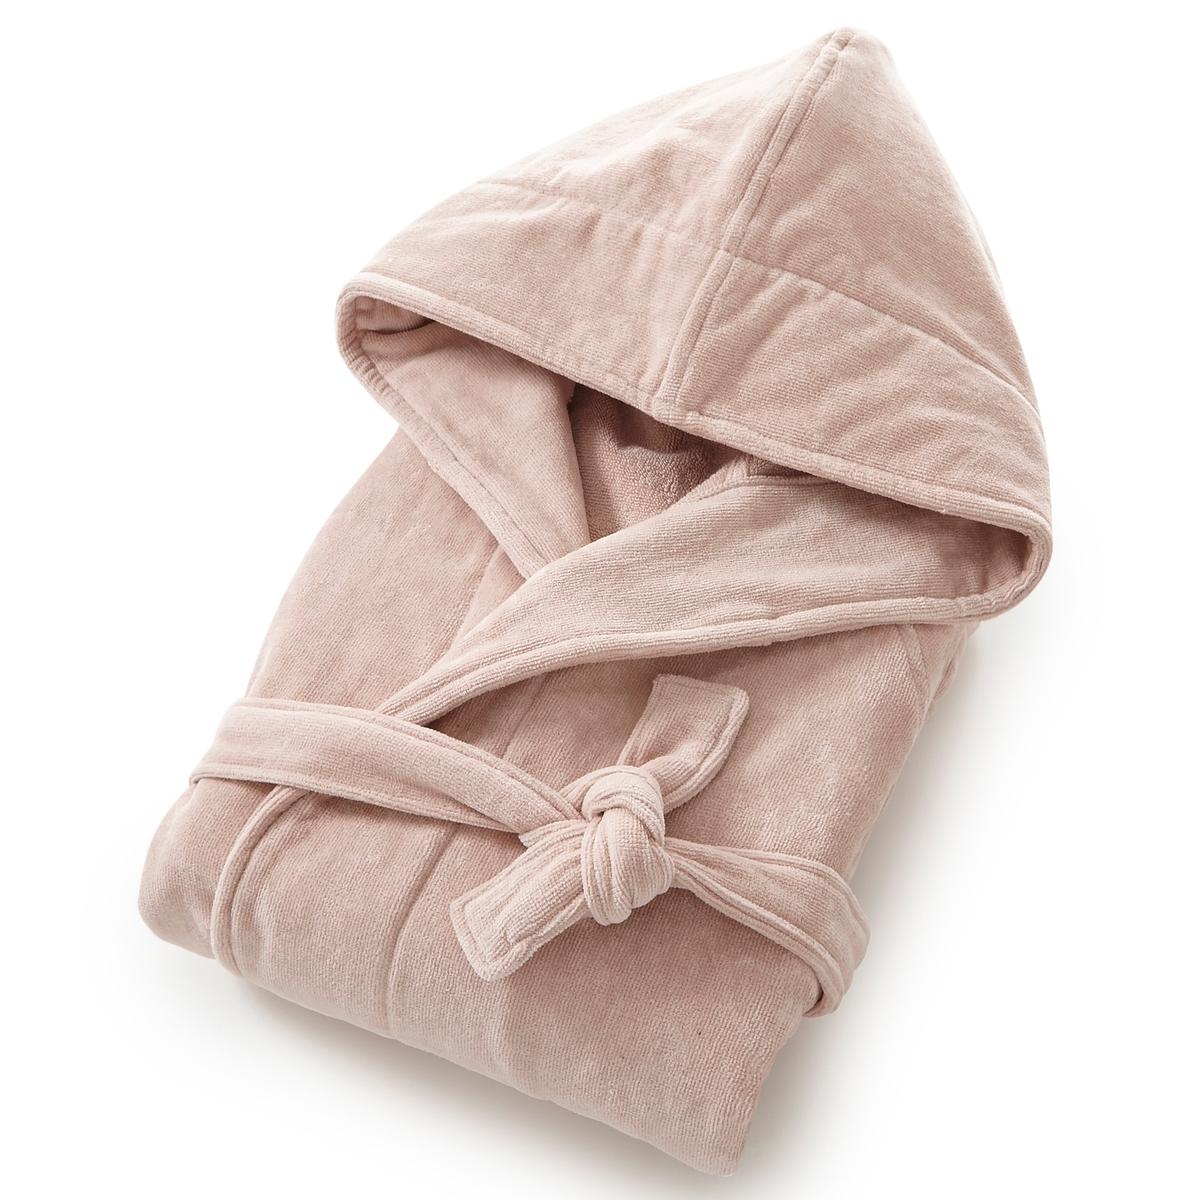 Халат, махровая велюровая ткань, 450 г/м?, качество BestХарактеристики халата с капюшоном из махровой ткани :Высококачественная махровая ткань, 100% хлопок, 450 г/м?.Махровая ткань букле внутри, мягкая и шелковистая махровая велюровая ткань снаружи.Капюшон, рукава реглан, 2 кармана с прострочкой, пояс со шлевками.Длина 110-113 см.Материал долго сохраняет мягкость и прочность. Превосходная стойкость цвета после стирки при 60 °C.Машинная сушка.<br><br>Цвет: белый,розовая пудра,синий морской<br>Размер: 46/48 (FR) - 52/54 (RUS)